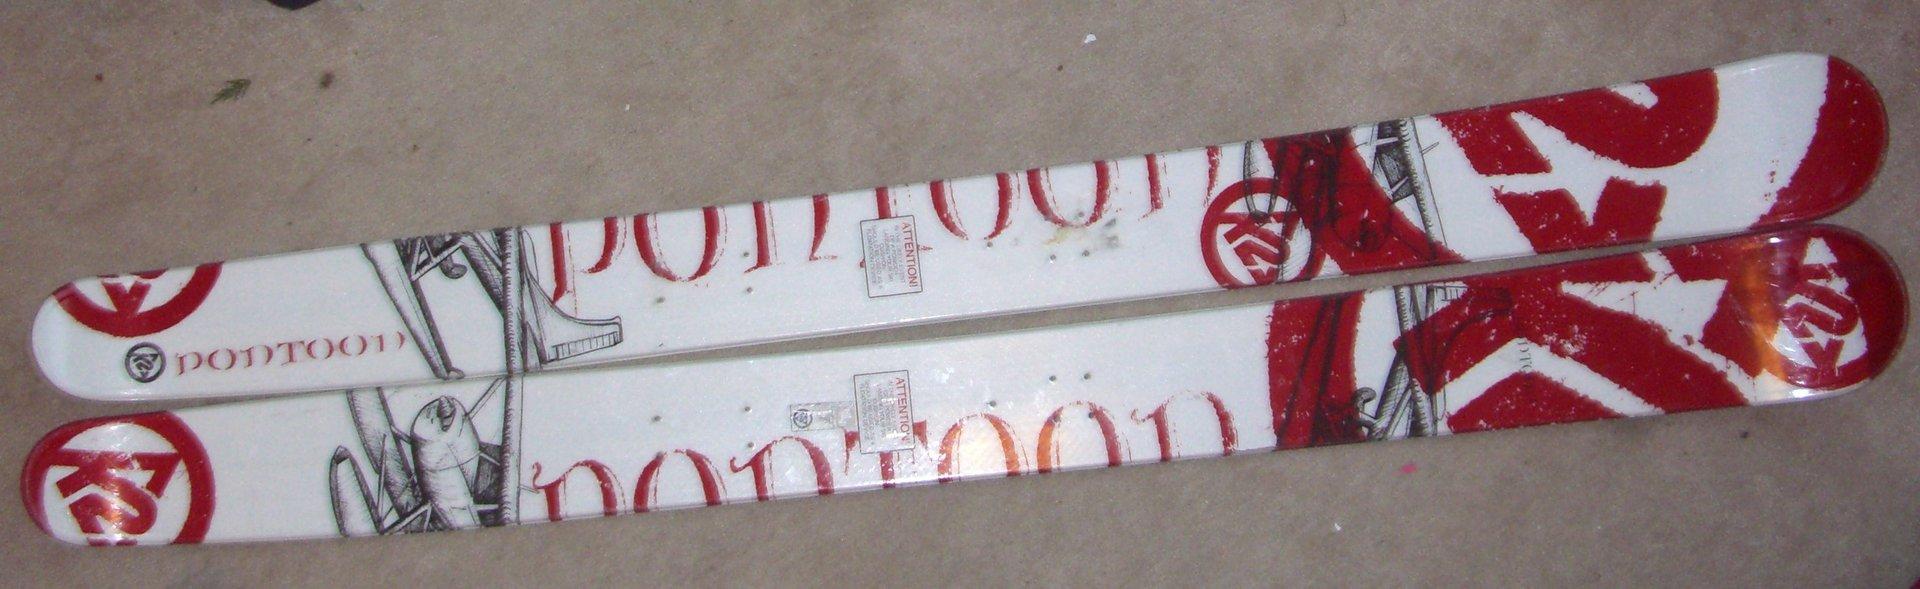 K2 Pontoon Topsheet